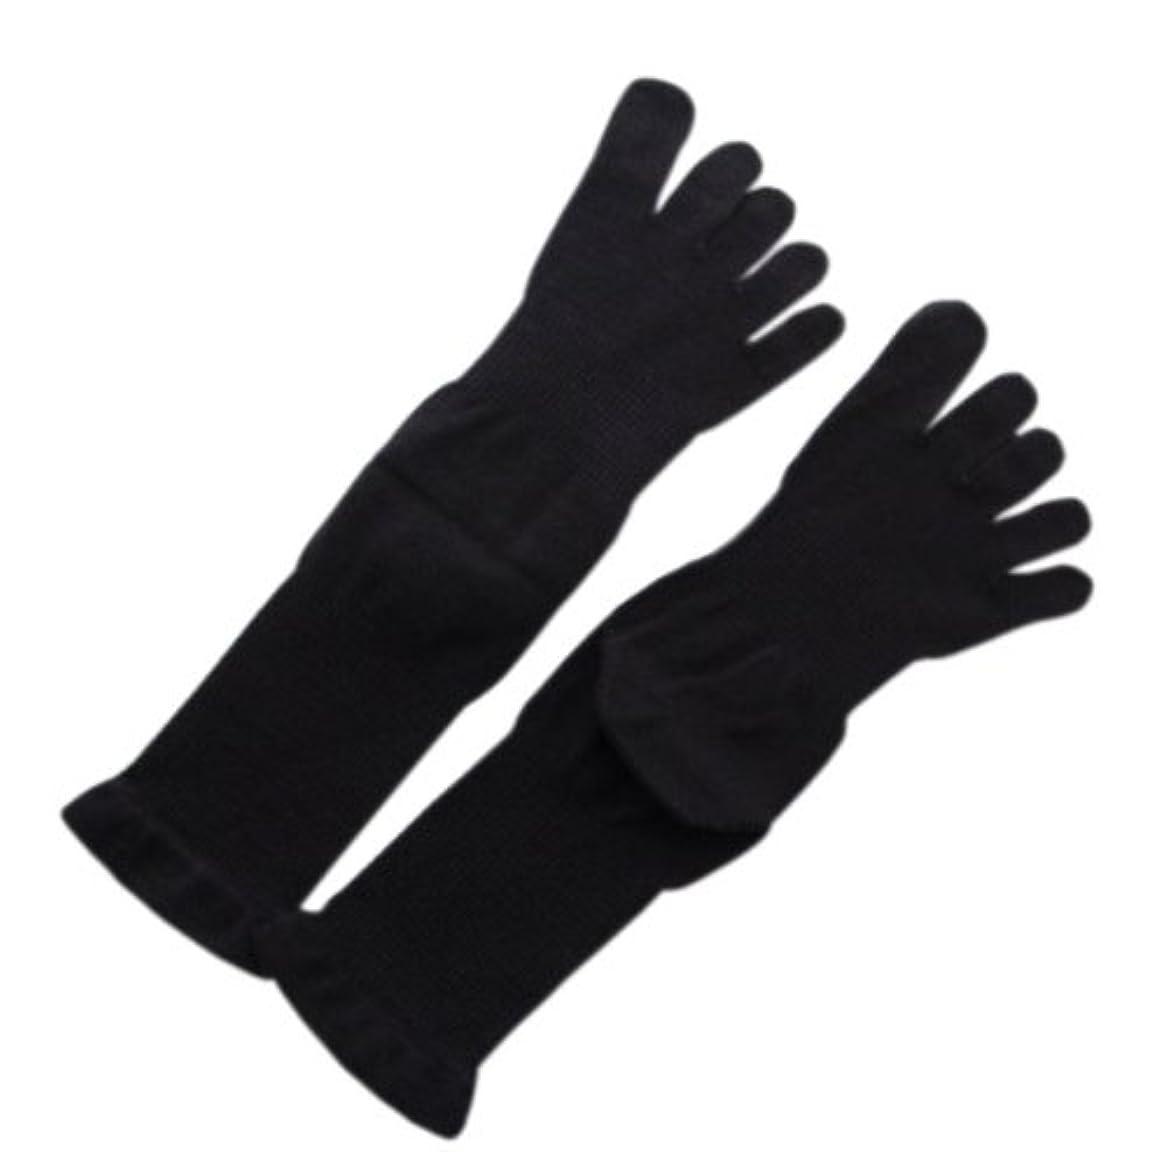 マーベルライブあいまいな5本指薄手ソックス 黒M:オーガニックコットン100%足首を締め付けないソックス!